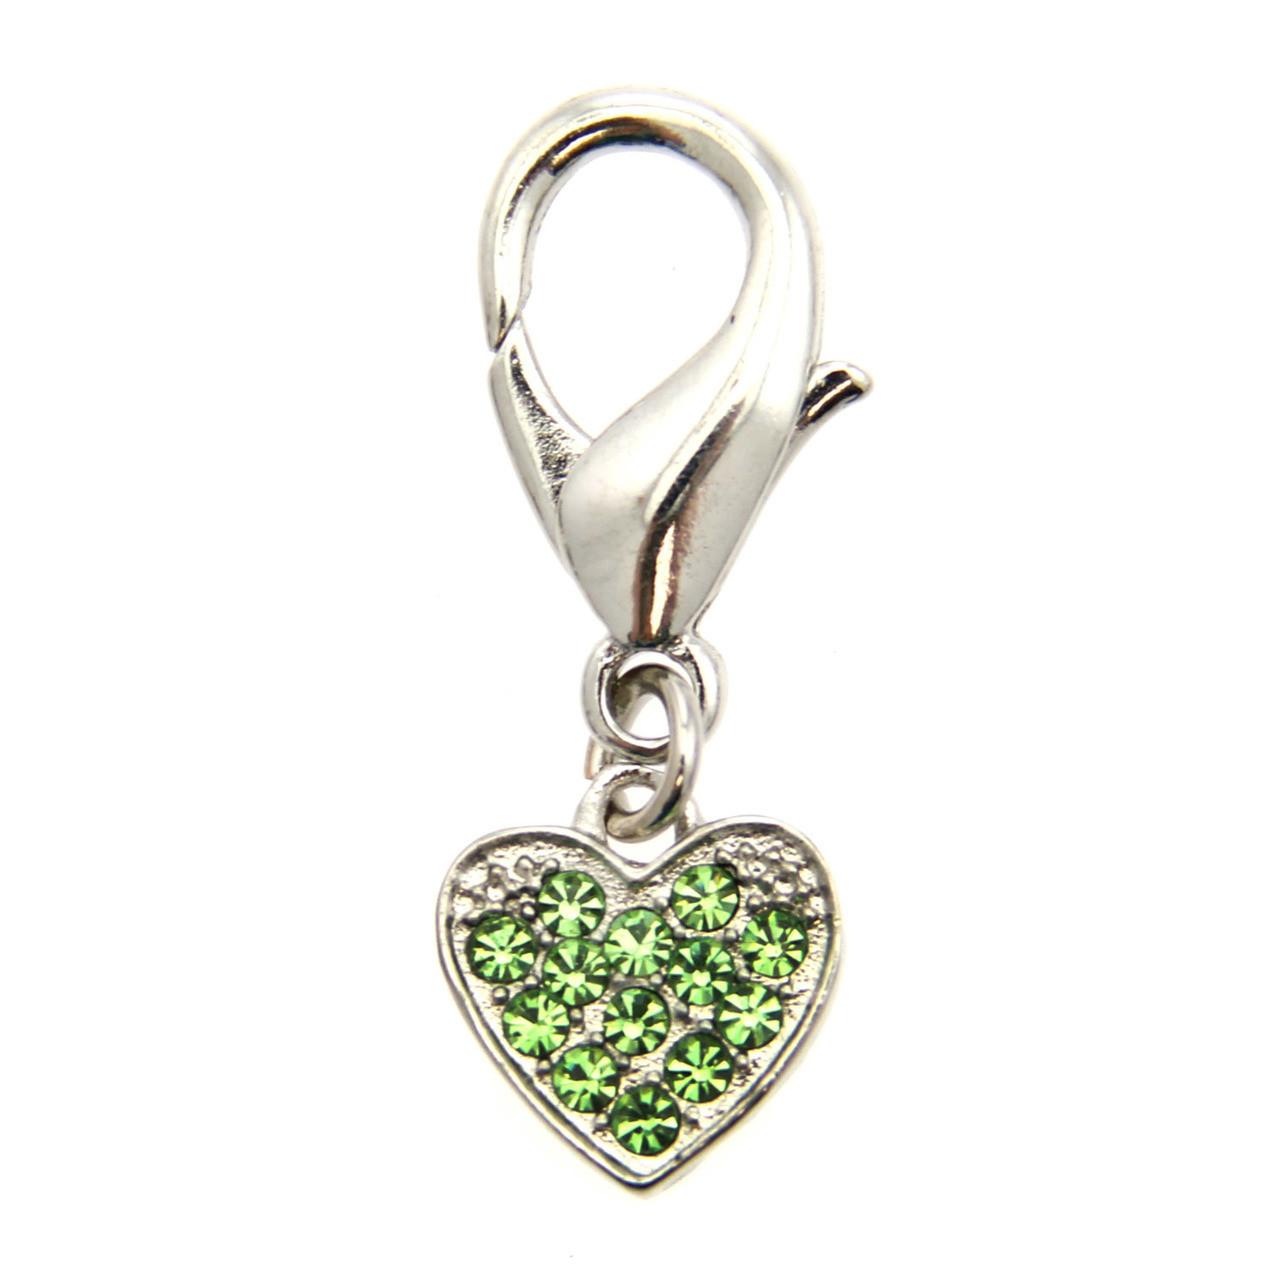 Basic Heart Collar Charm - Green